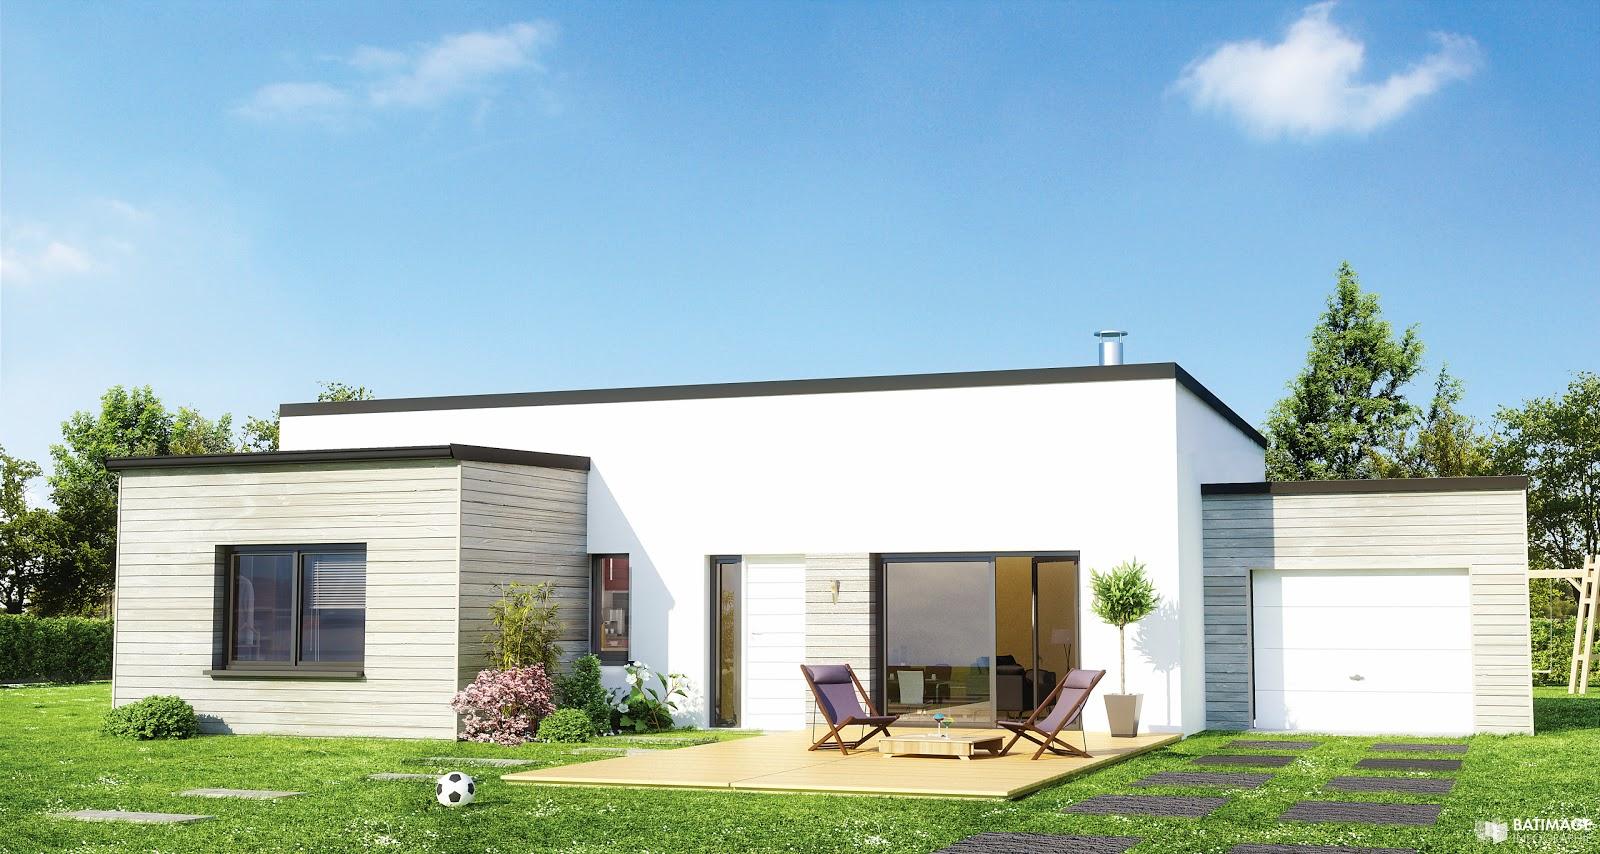 Maison familiale lille for Les decores des maisons